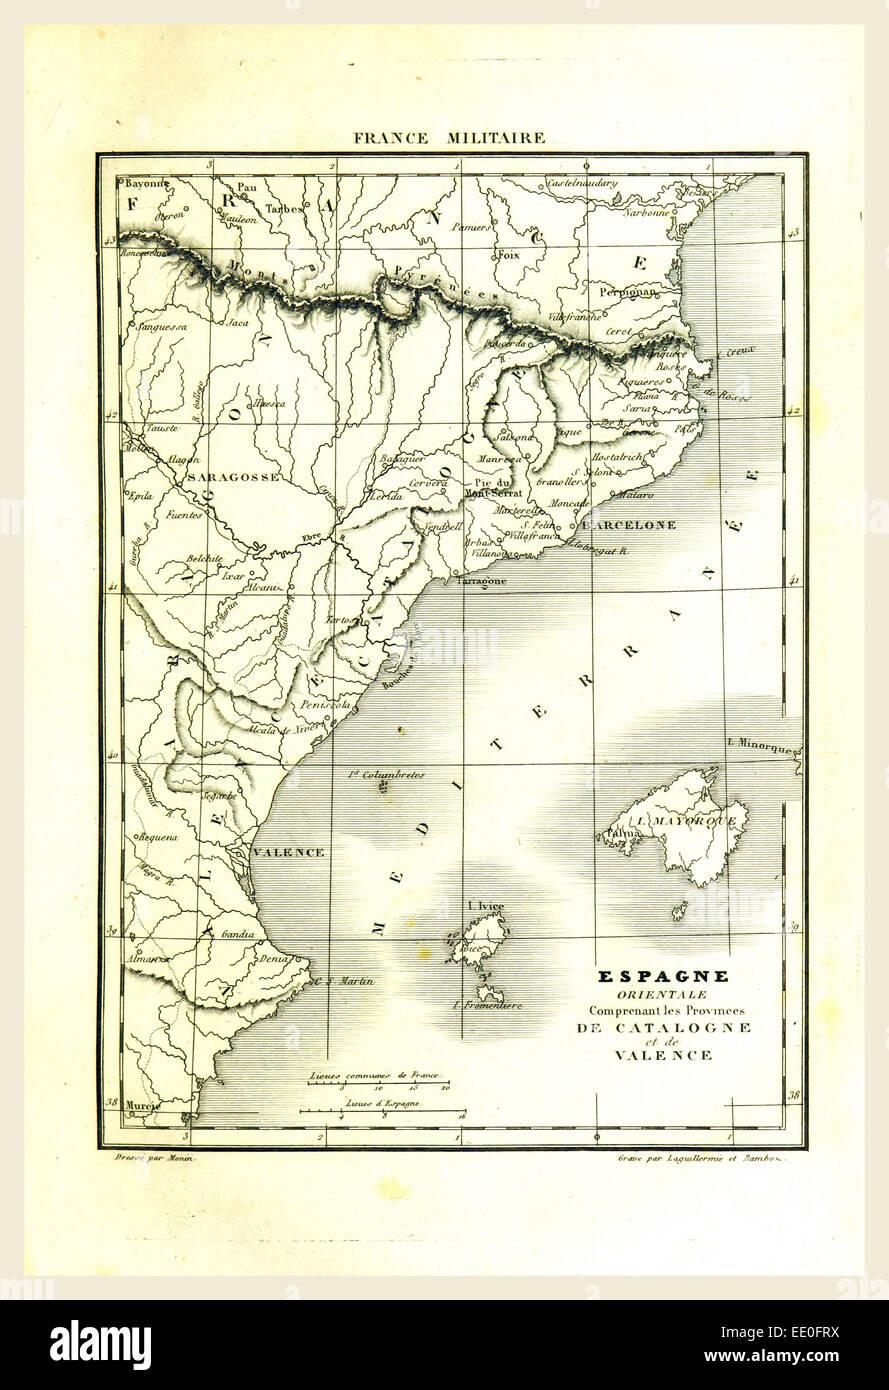 Mapa, España, Cataluña, Valencia, grabado del siglo XIX. Imagen De Stock